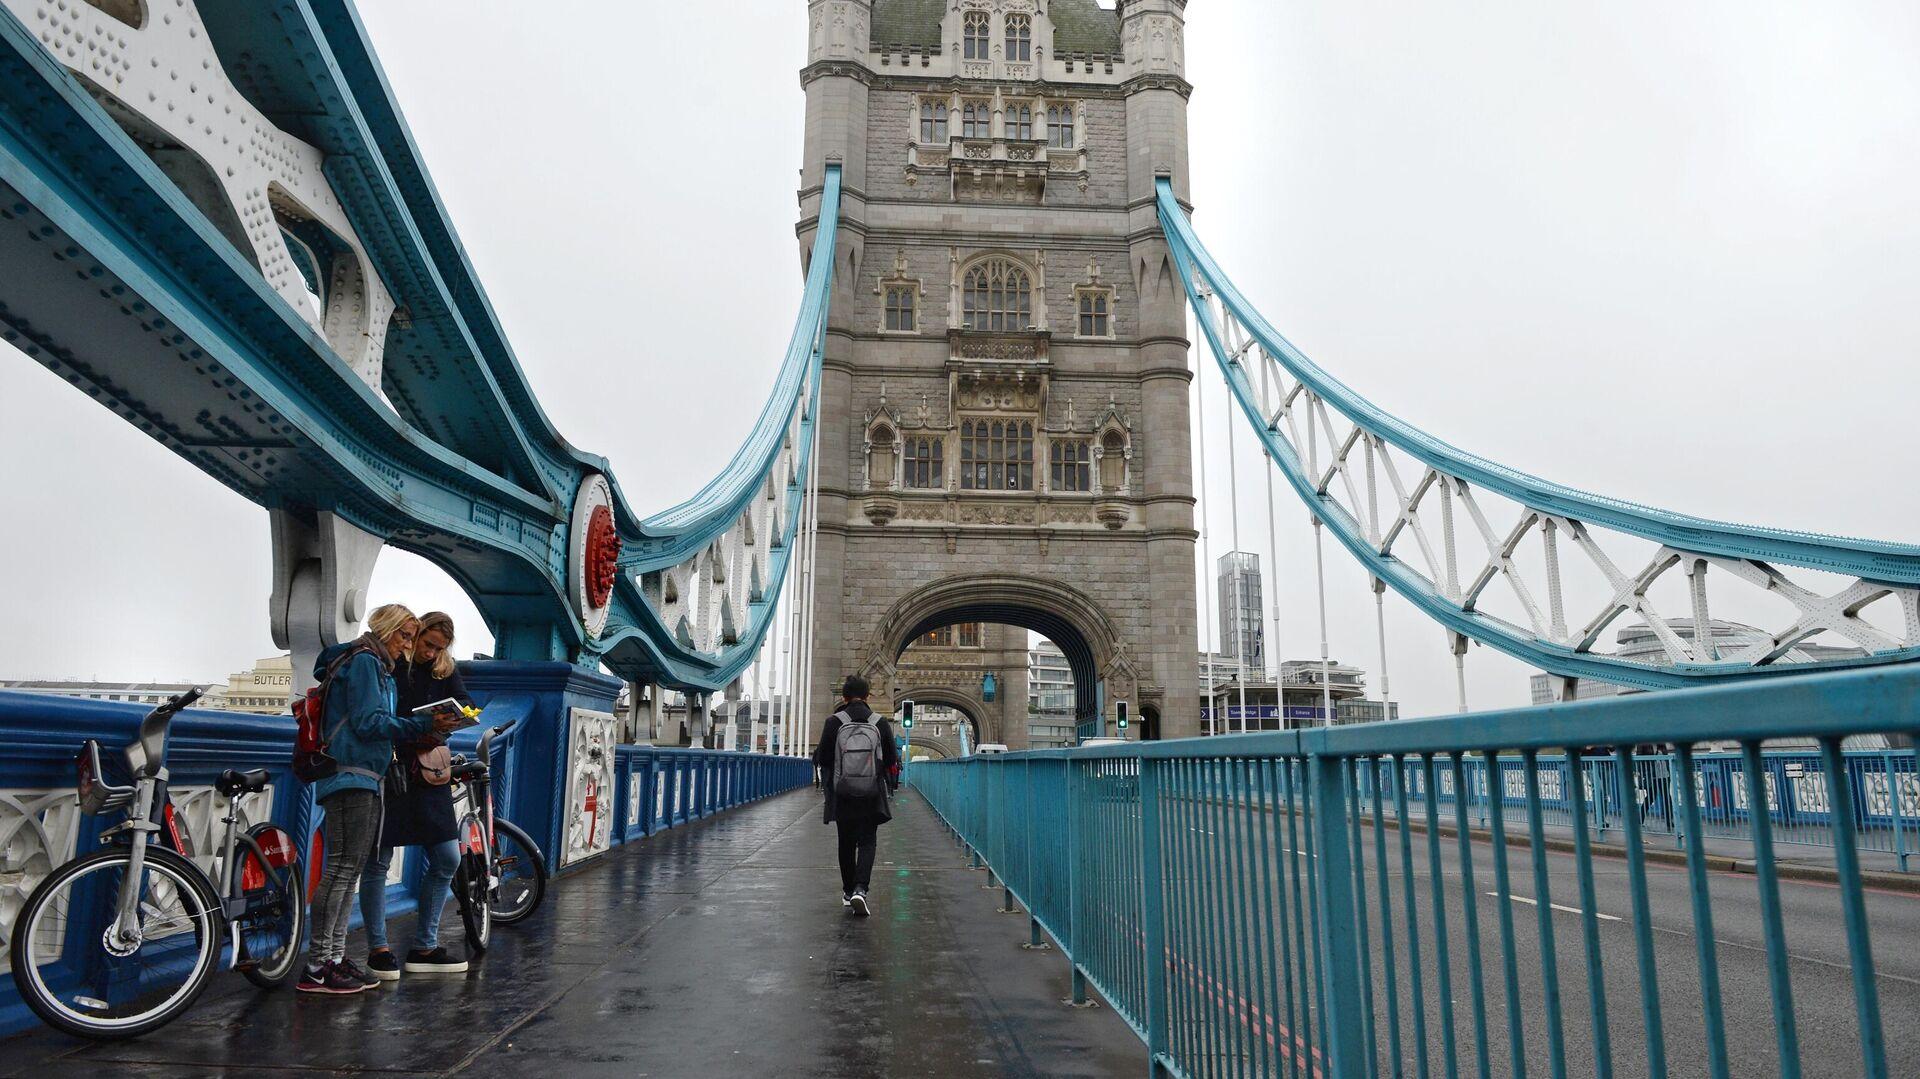 Туристы на Тауэрском мосту над Темзой в Лондоне - Sputnik Латвия, 1920, 06.07.2021